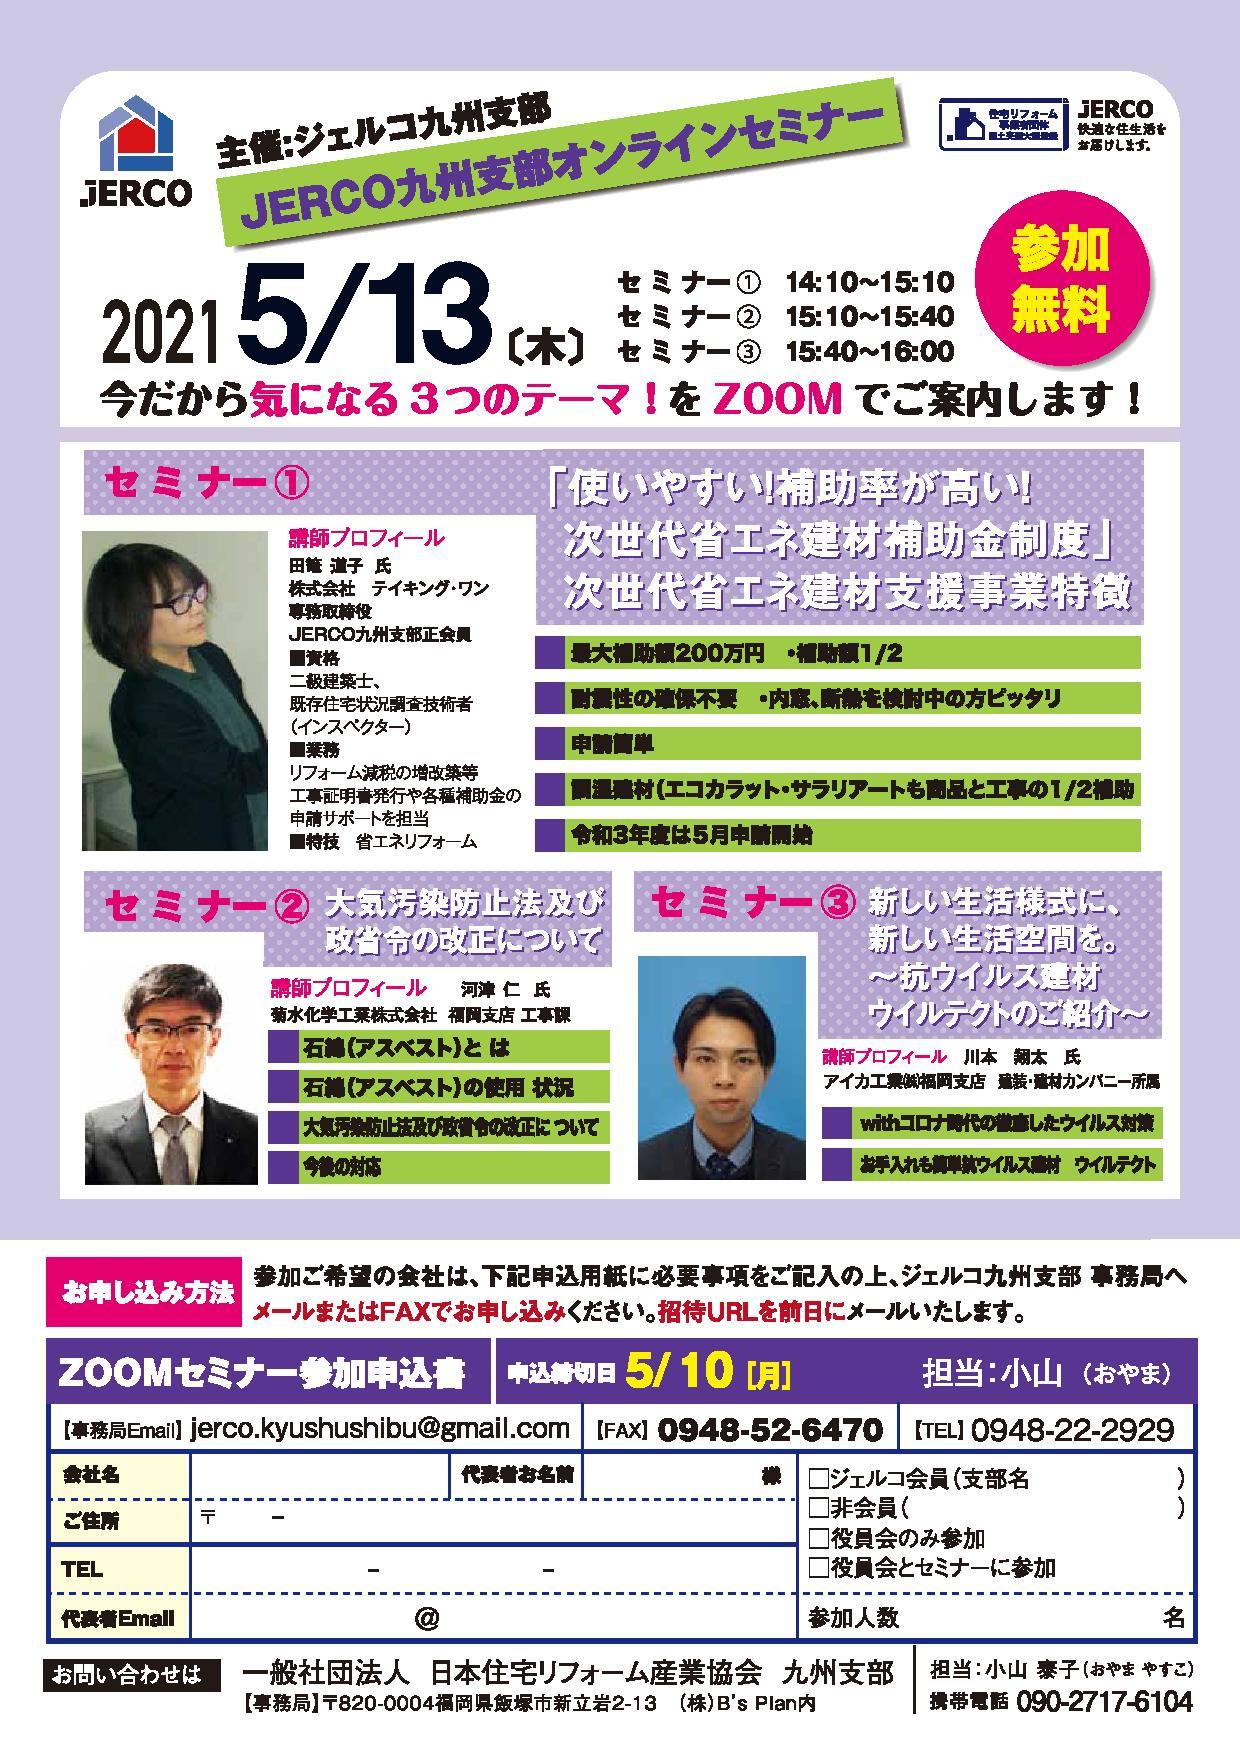 2021年5月13日(木)九州支部オンラインセミナー